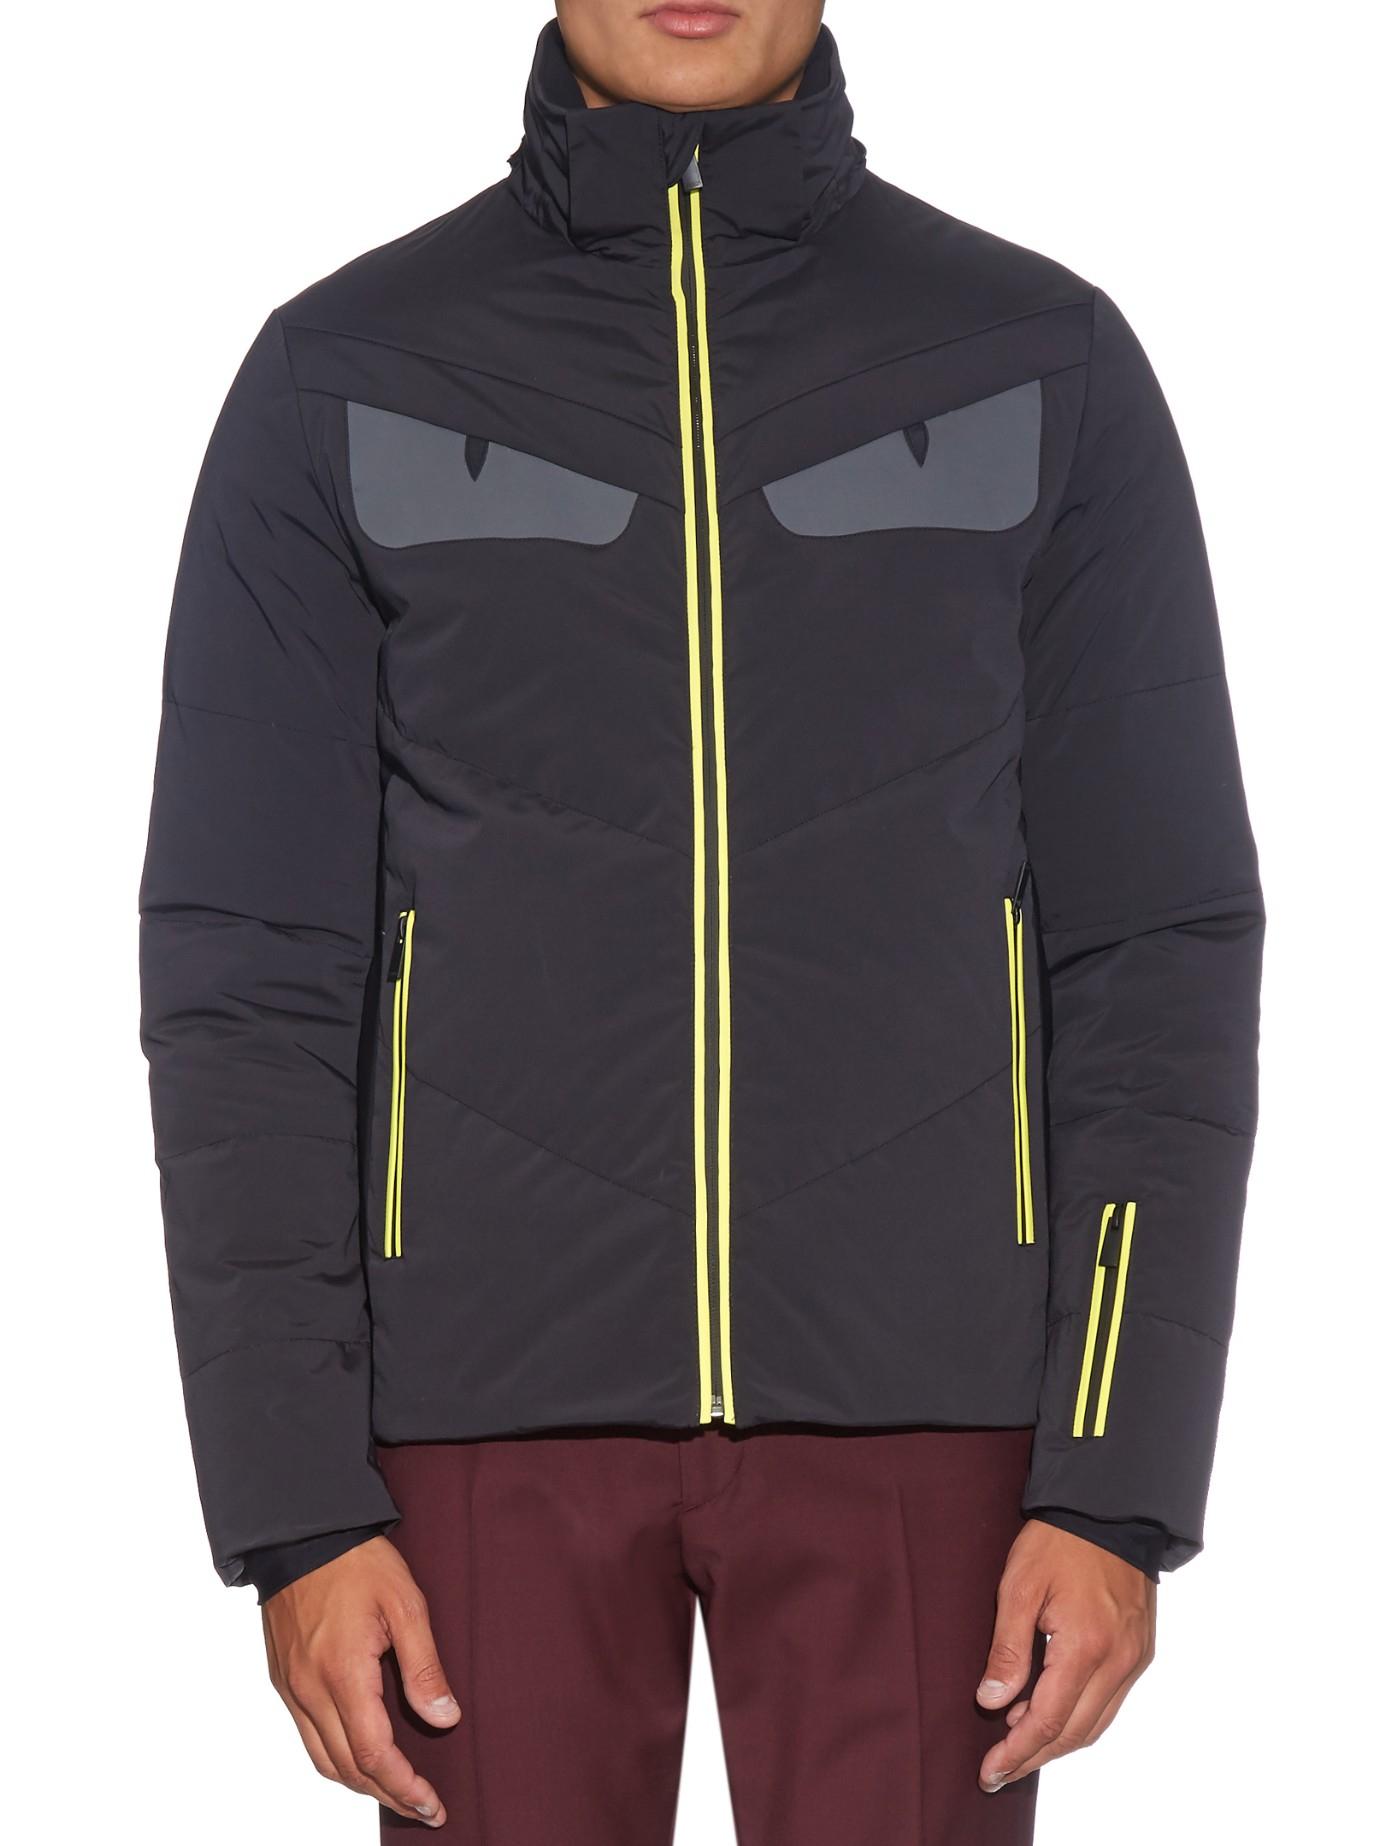 Lyst - Fendi Bag Bugs Fur-trimmed Technical Ski Jacket in Black for Men f6dfc49ce